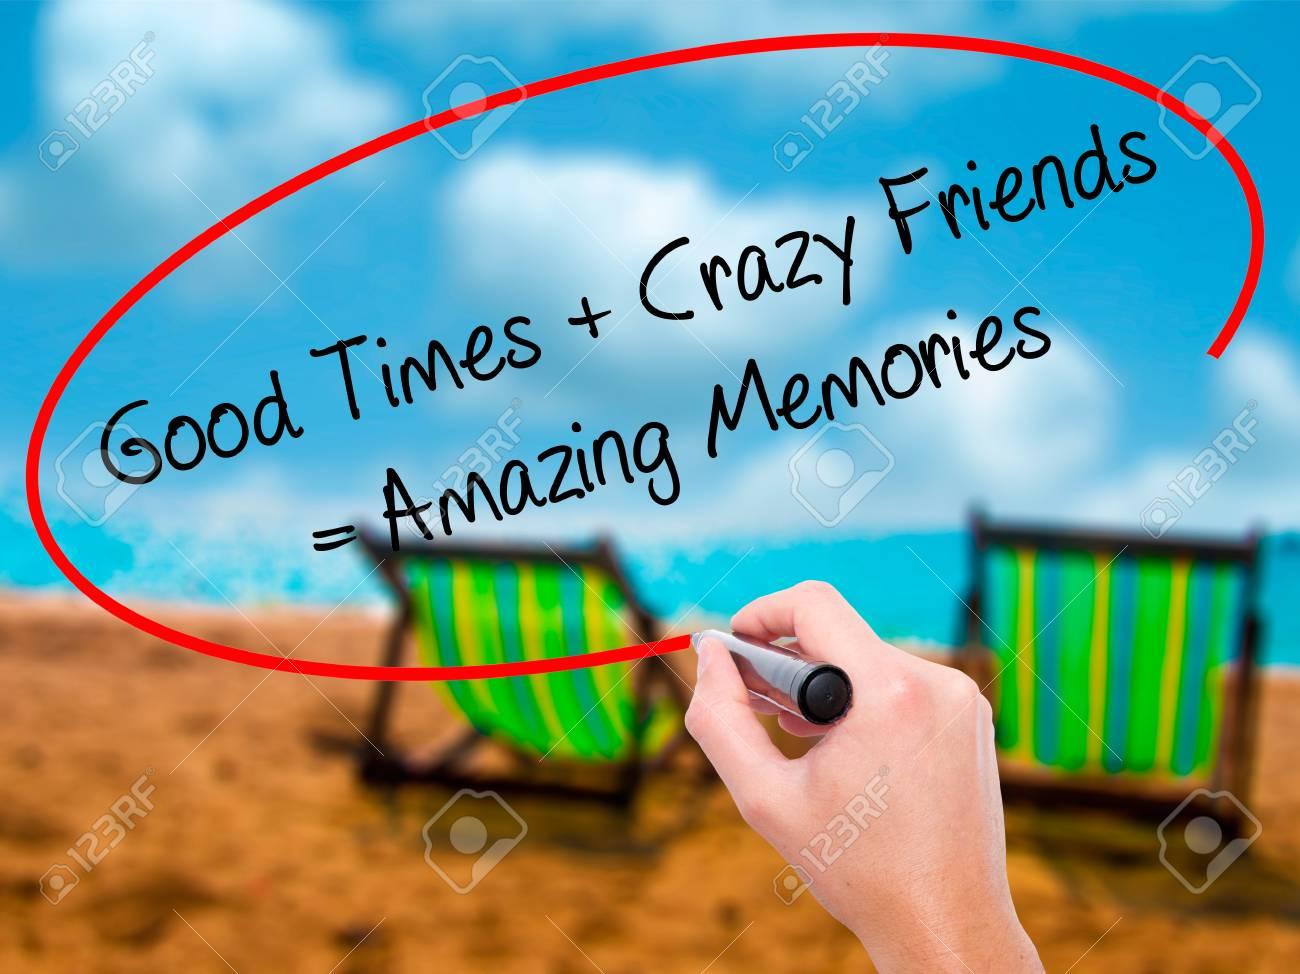 Man Hand schriftlich Good Times + Crazy Friends = Amazing Memories mit  schwarzem Marker auf visuellen